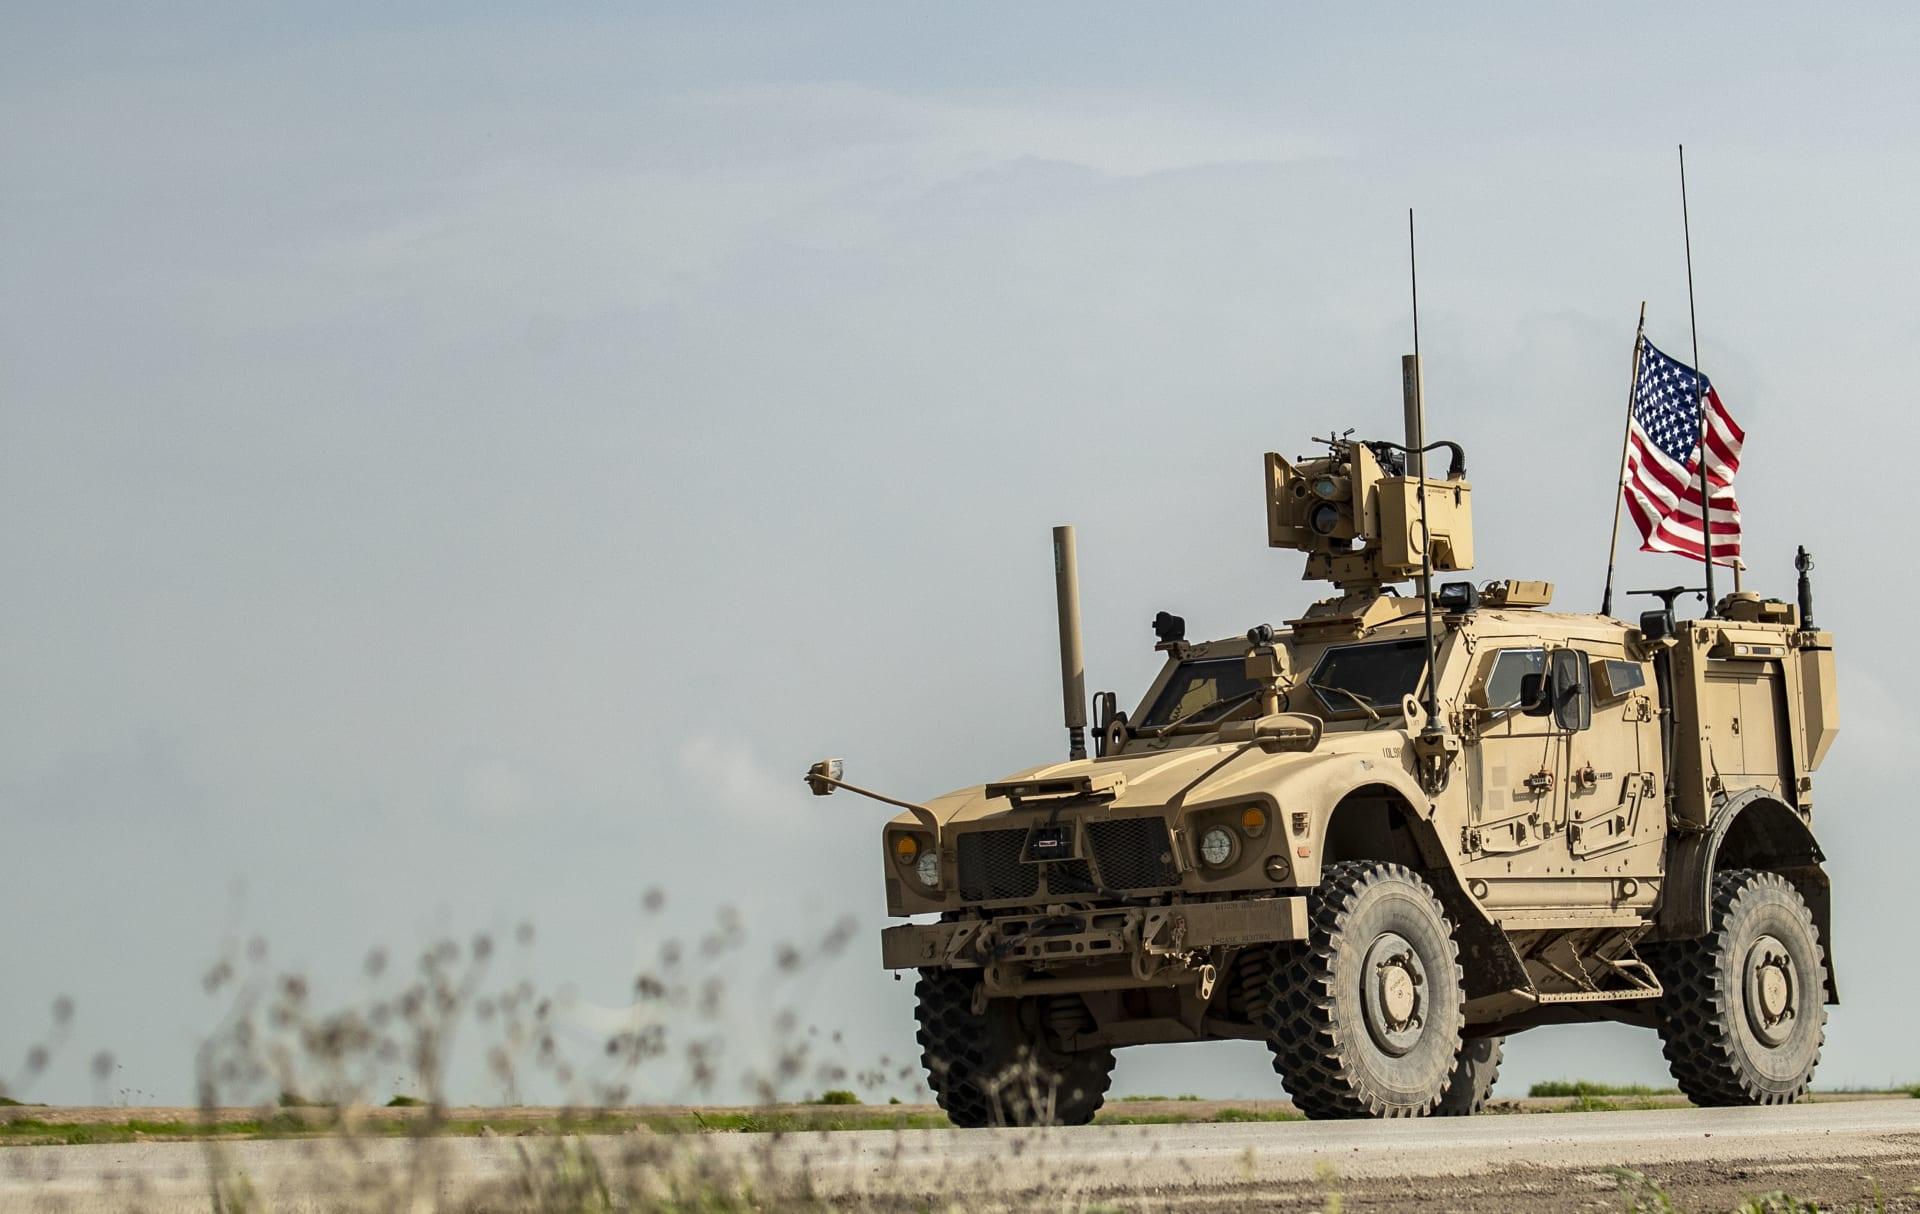 سيارة عسكرية ضمن دورية للقوات الأمريكية في شمال سوريا